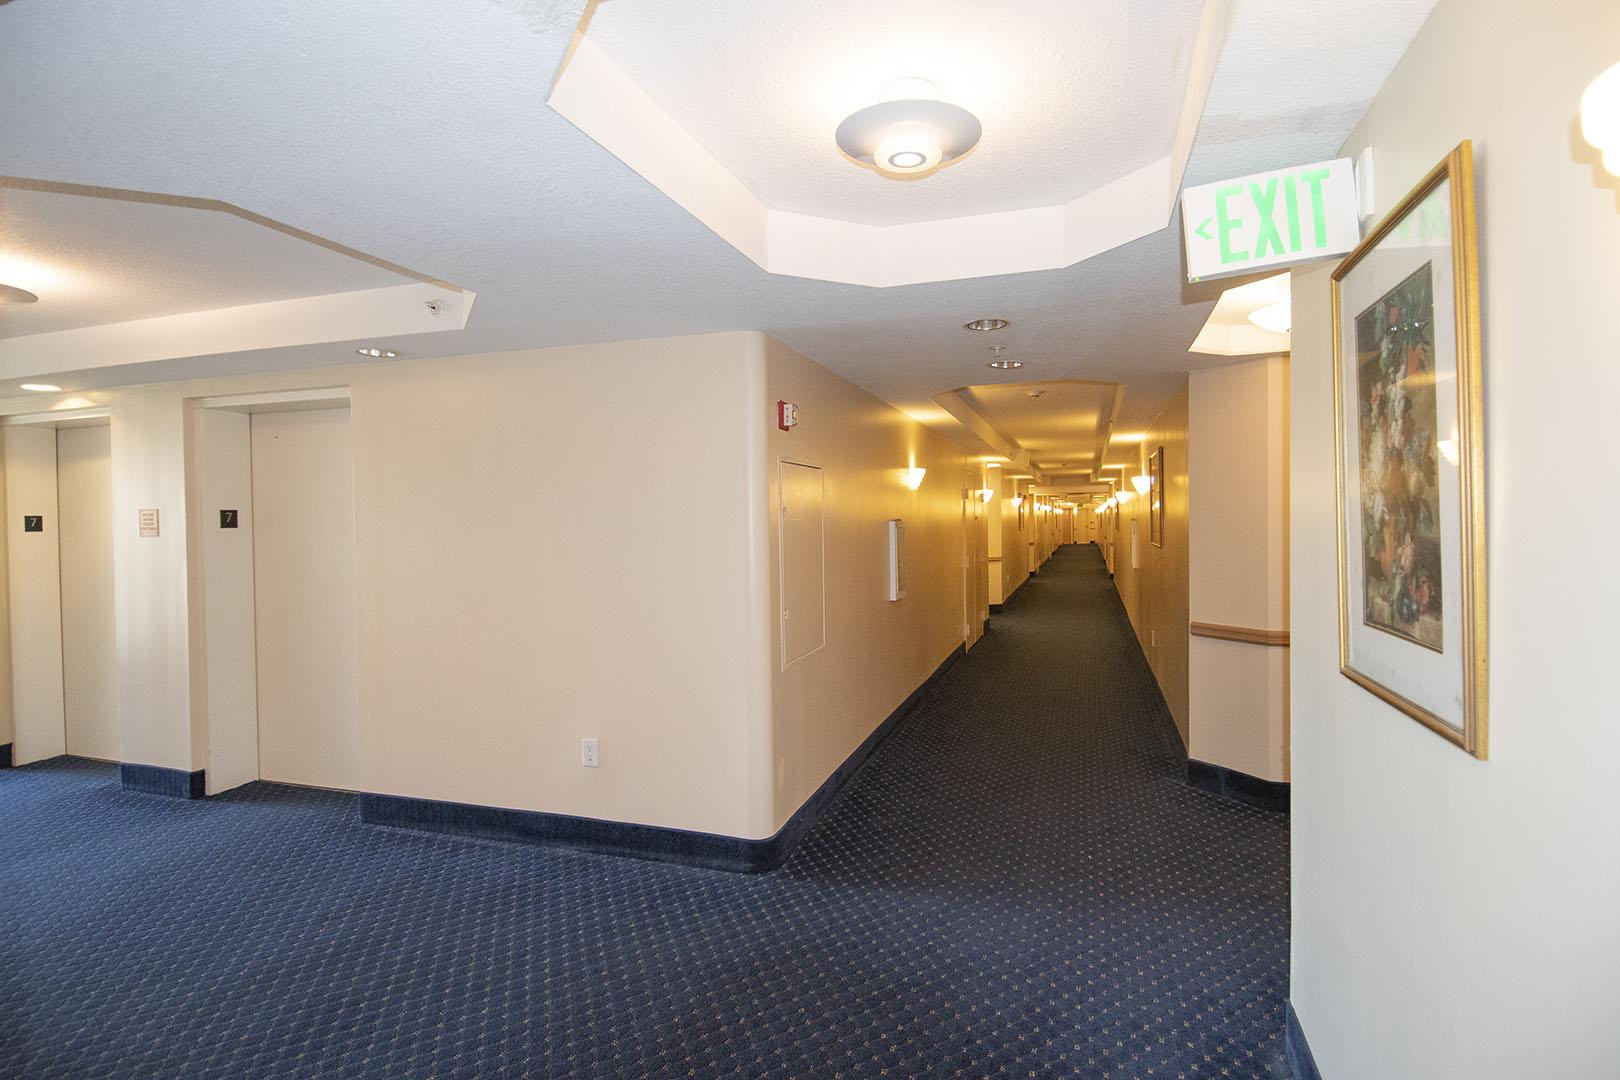 7th Floor (Hallway)